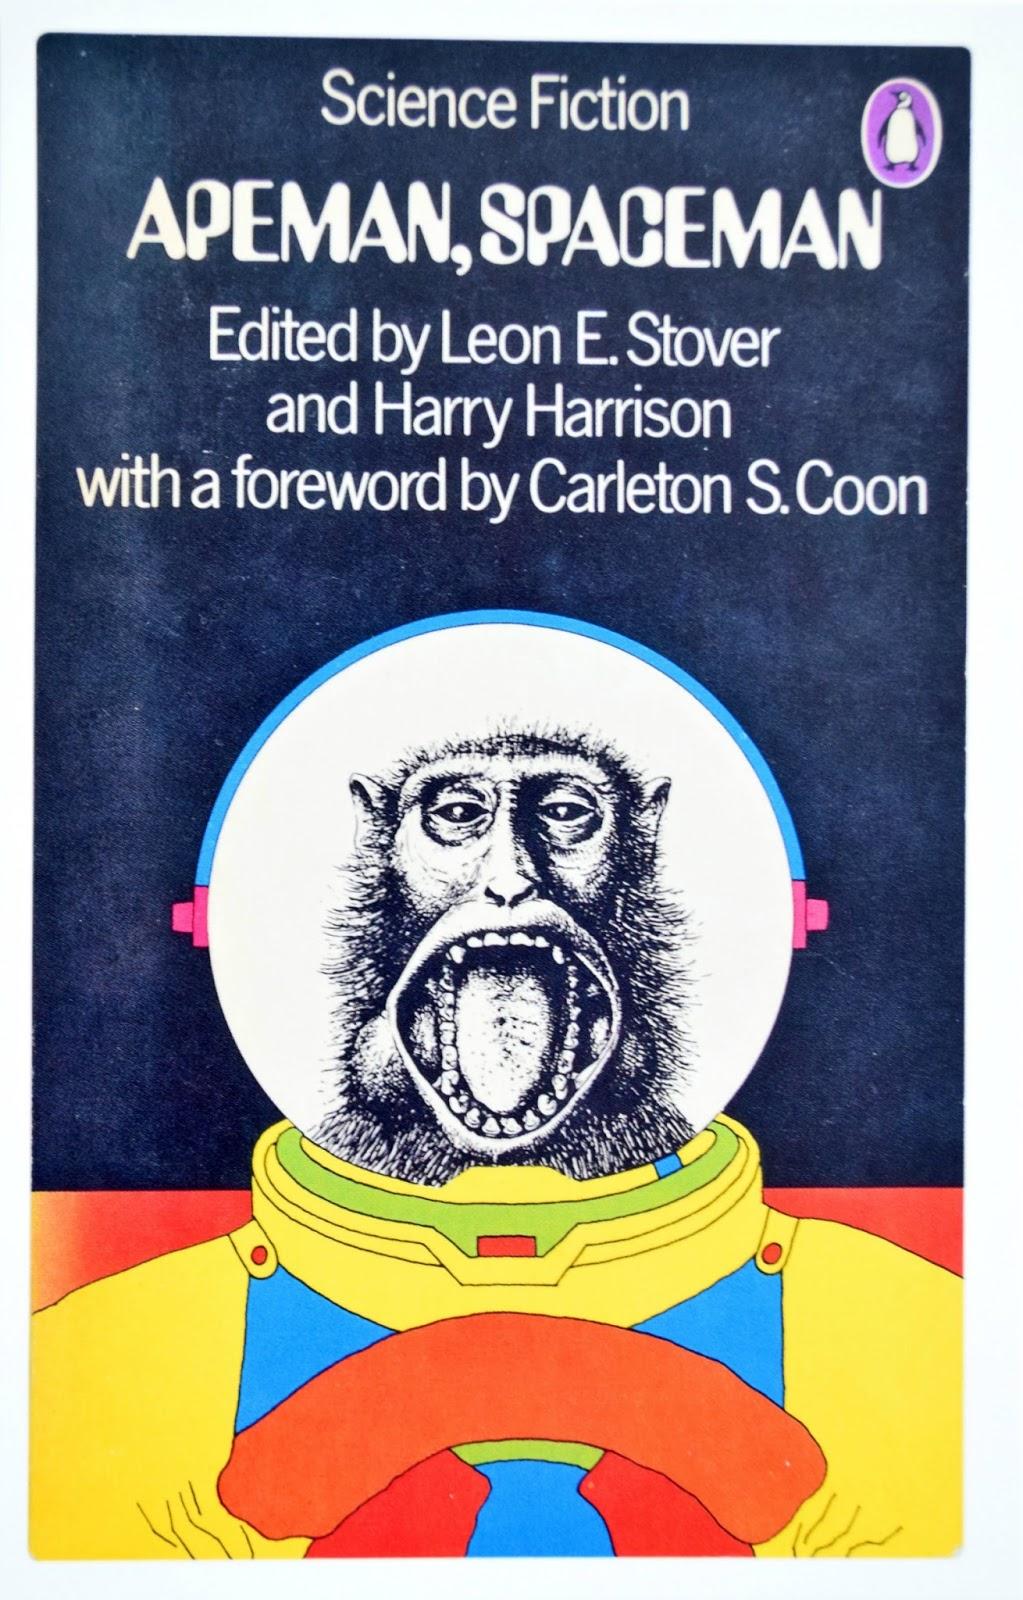 ilustracja sience fiction na pocztówce